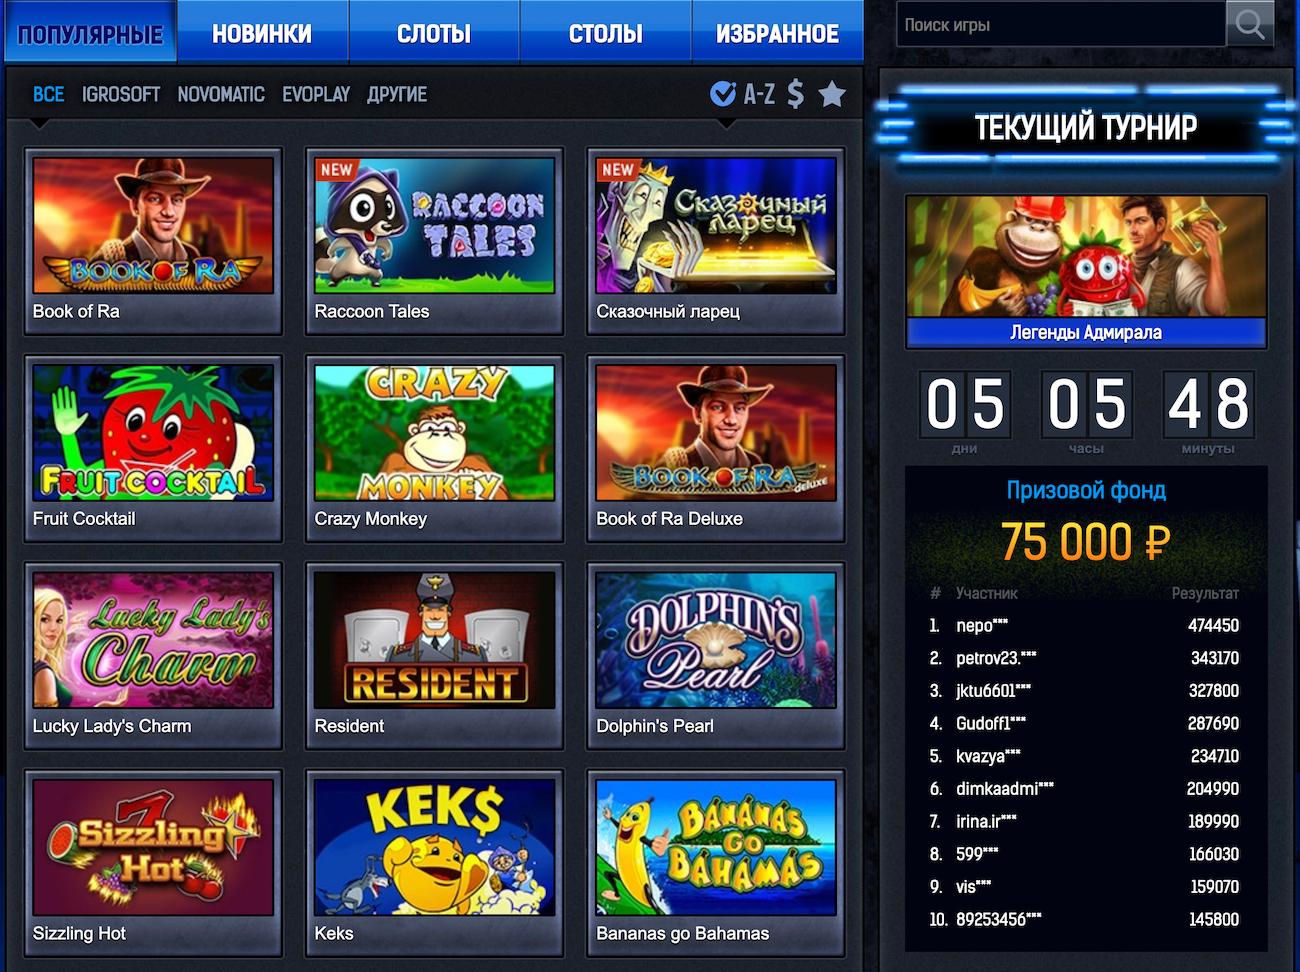 Скачать эмуляторы игровые автоматы бесплатно без смс купить детские игровые автоматы б у цены